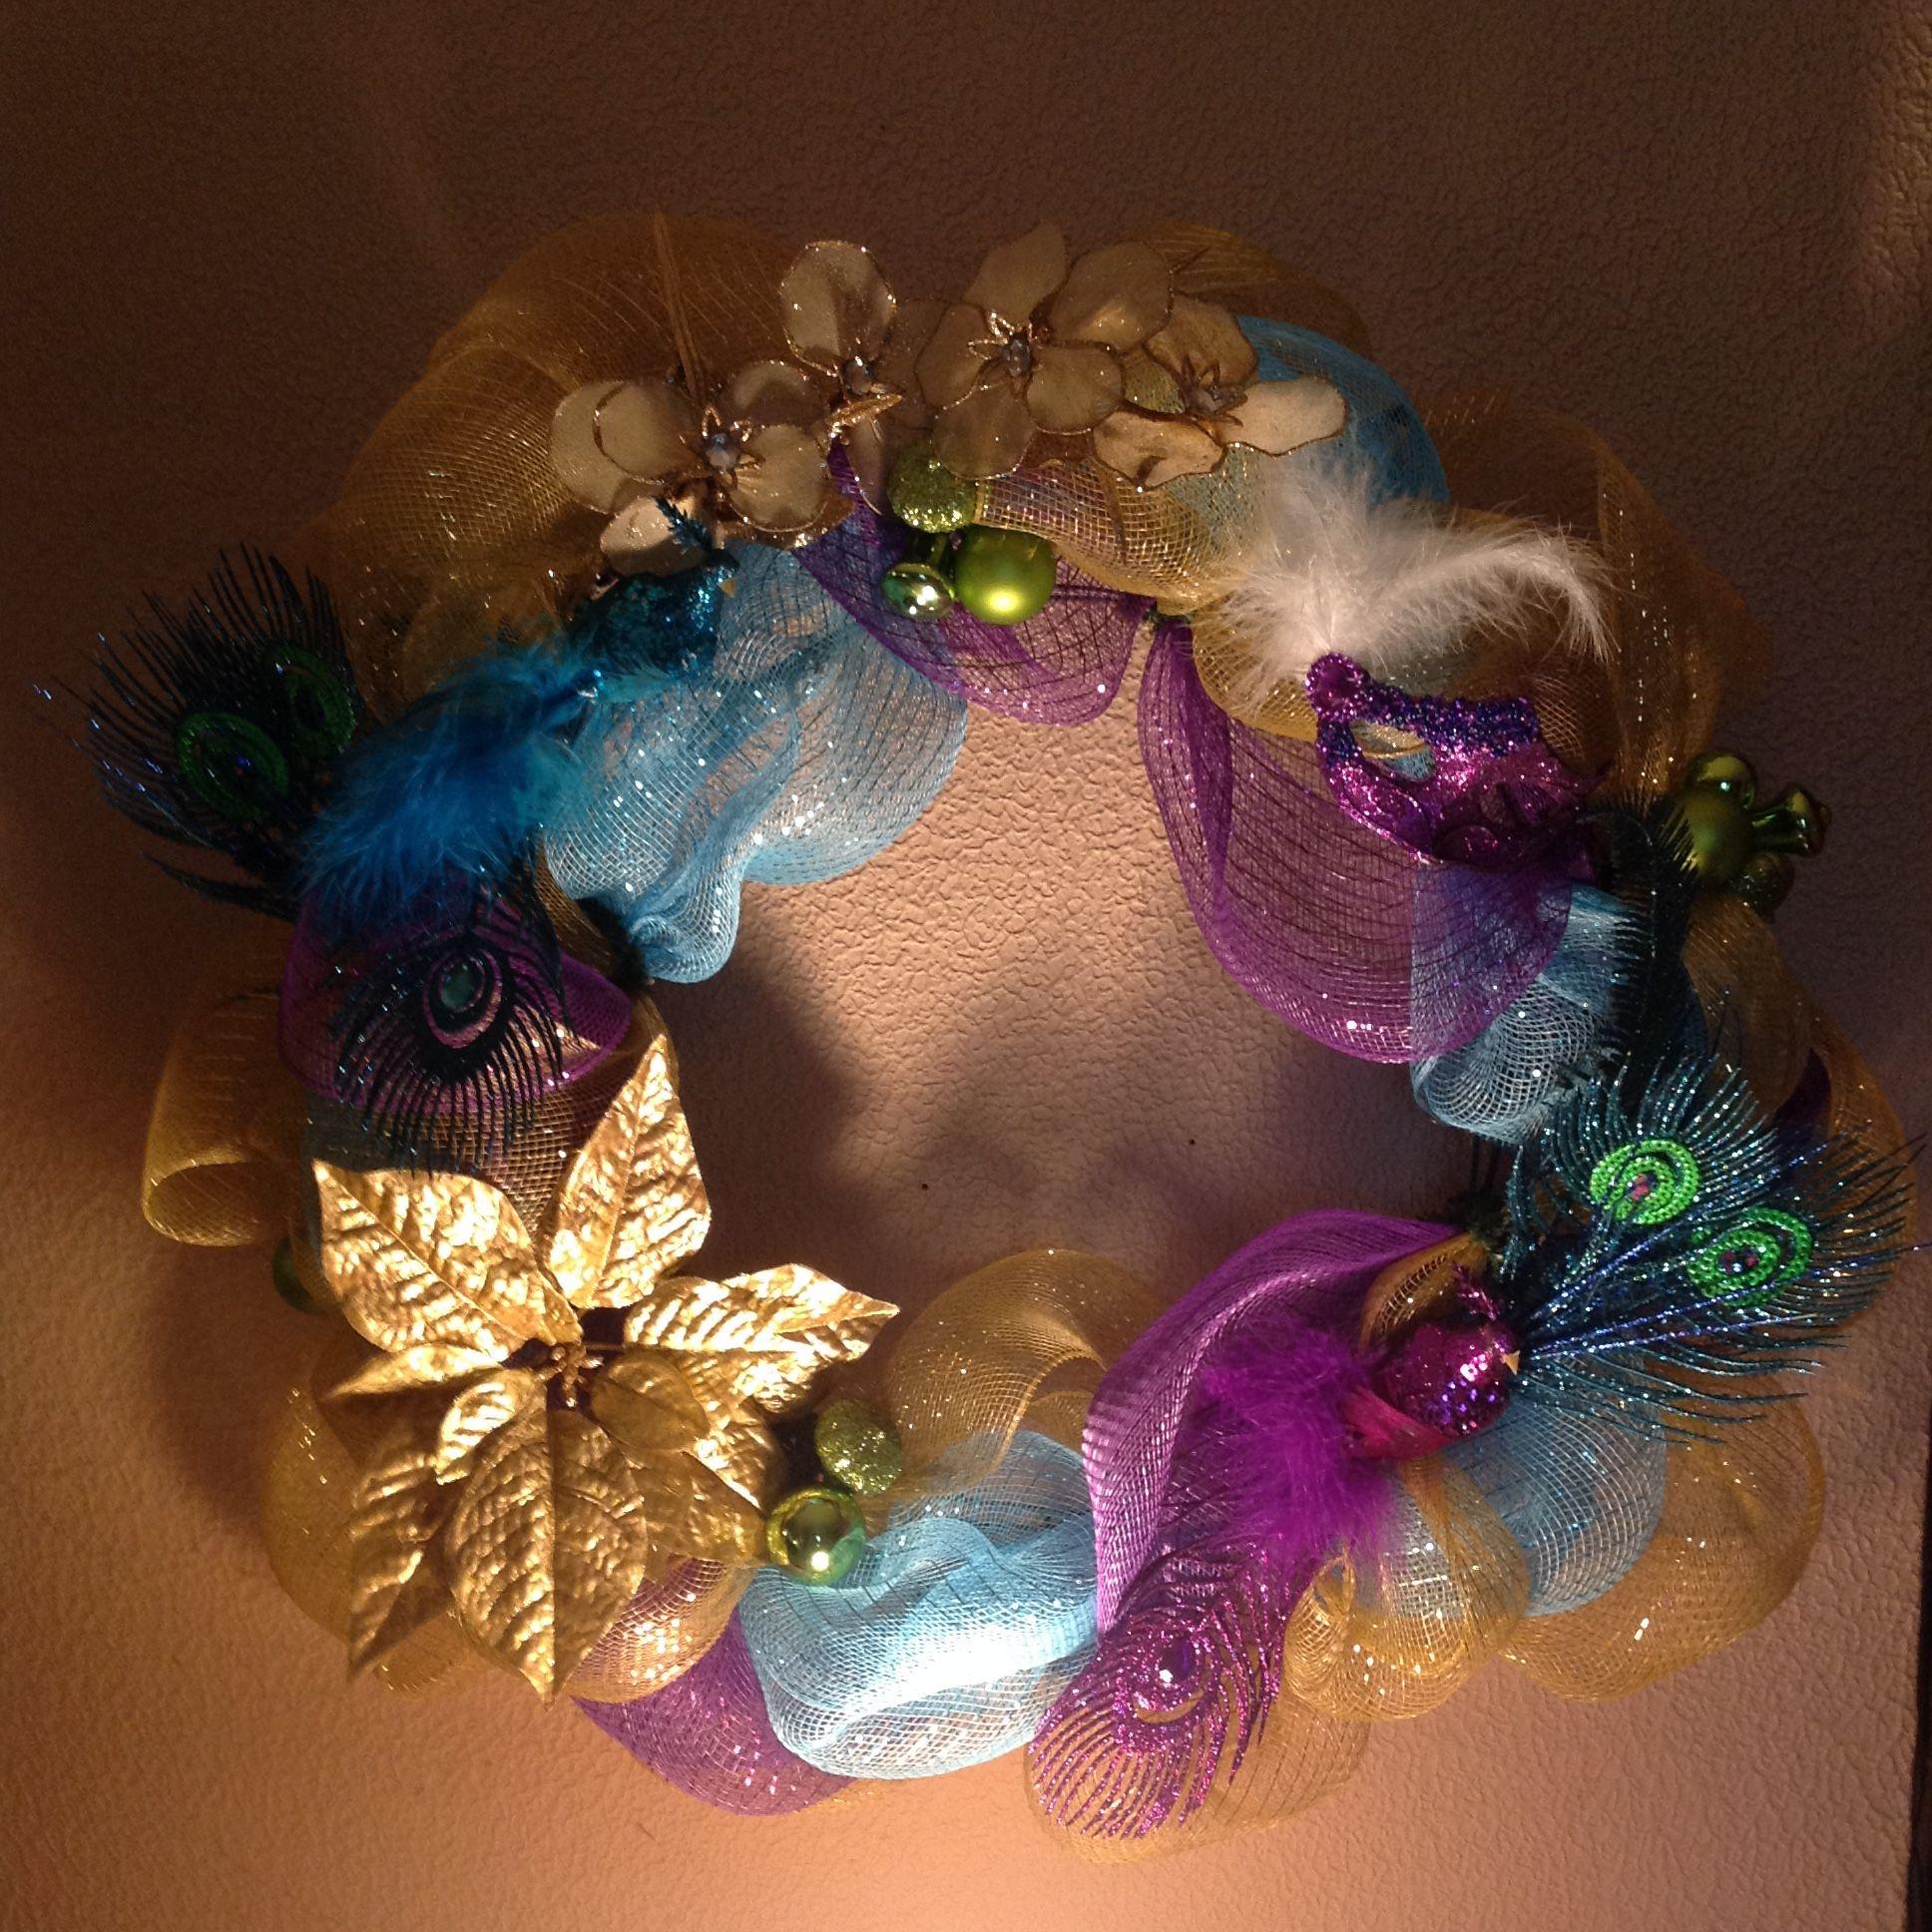 Deco mesh Mardi Gras style Christmas wreath created by C Burleigh